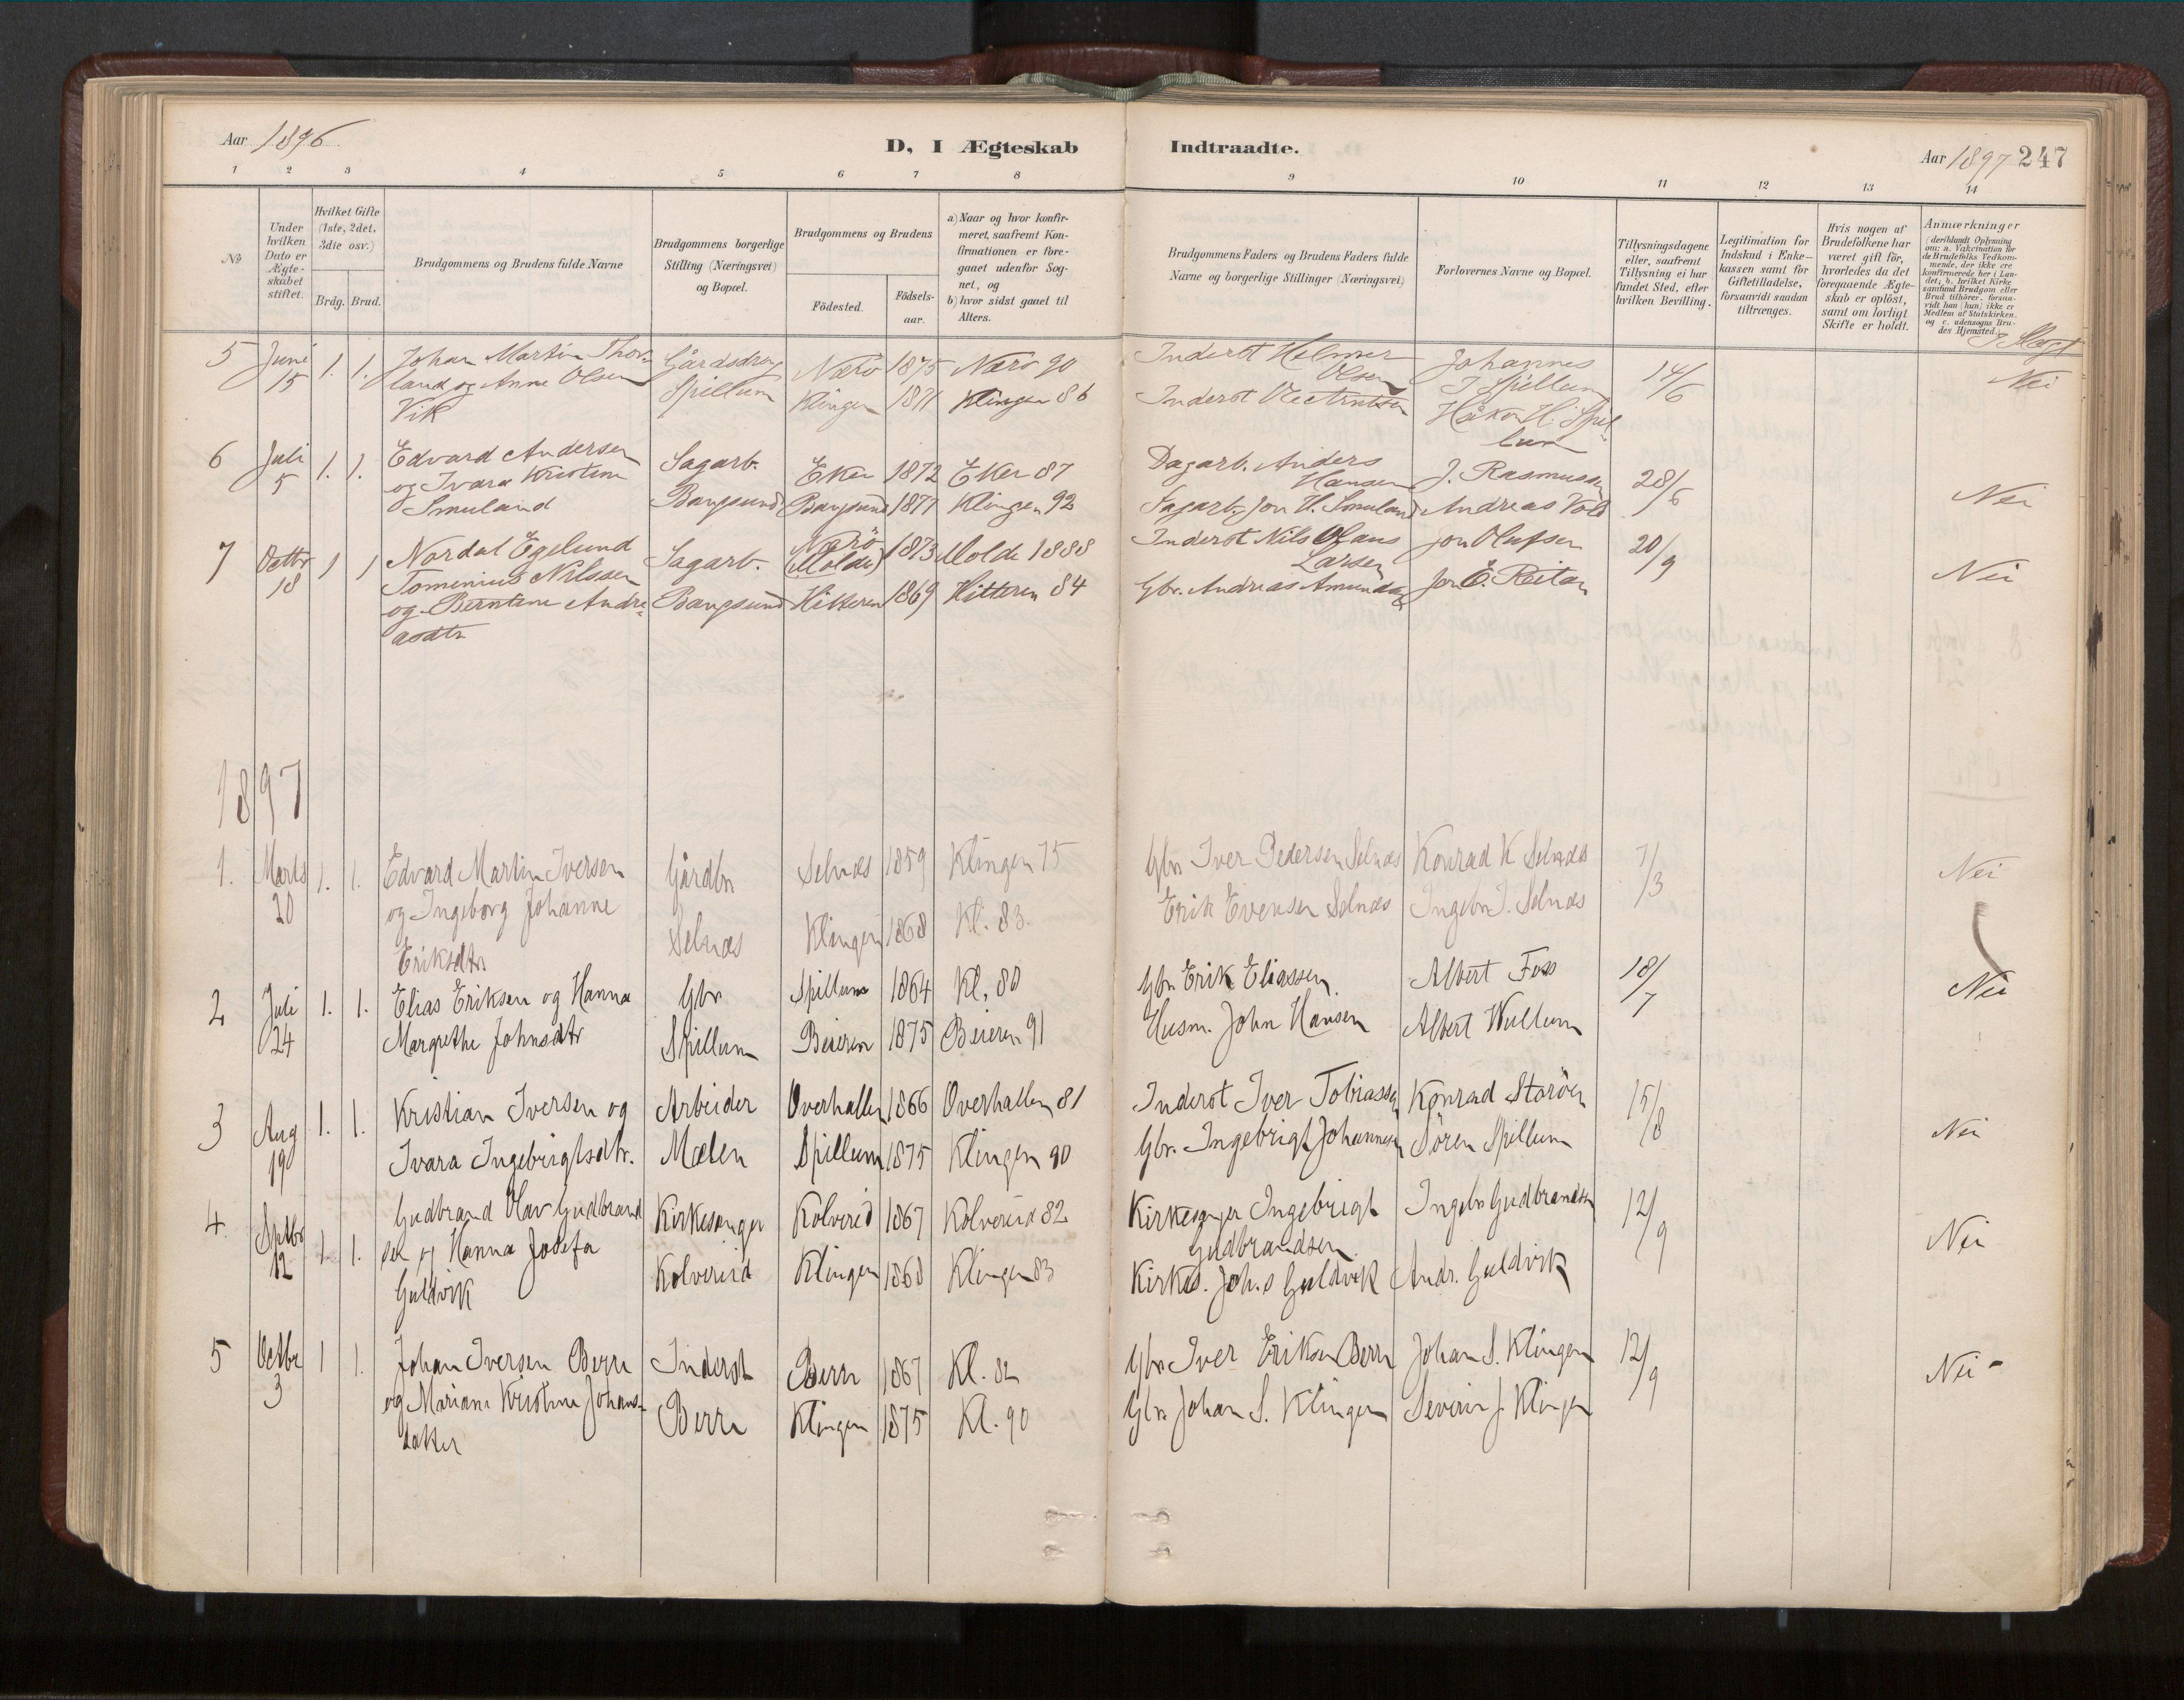 SAT, Ministerialprotokoller, klokkerbøker og fødselsregistre - Nord-Trøndelag, 770/L0589: Ministerialbok nr. 770A03, 1887-1929, s. 247